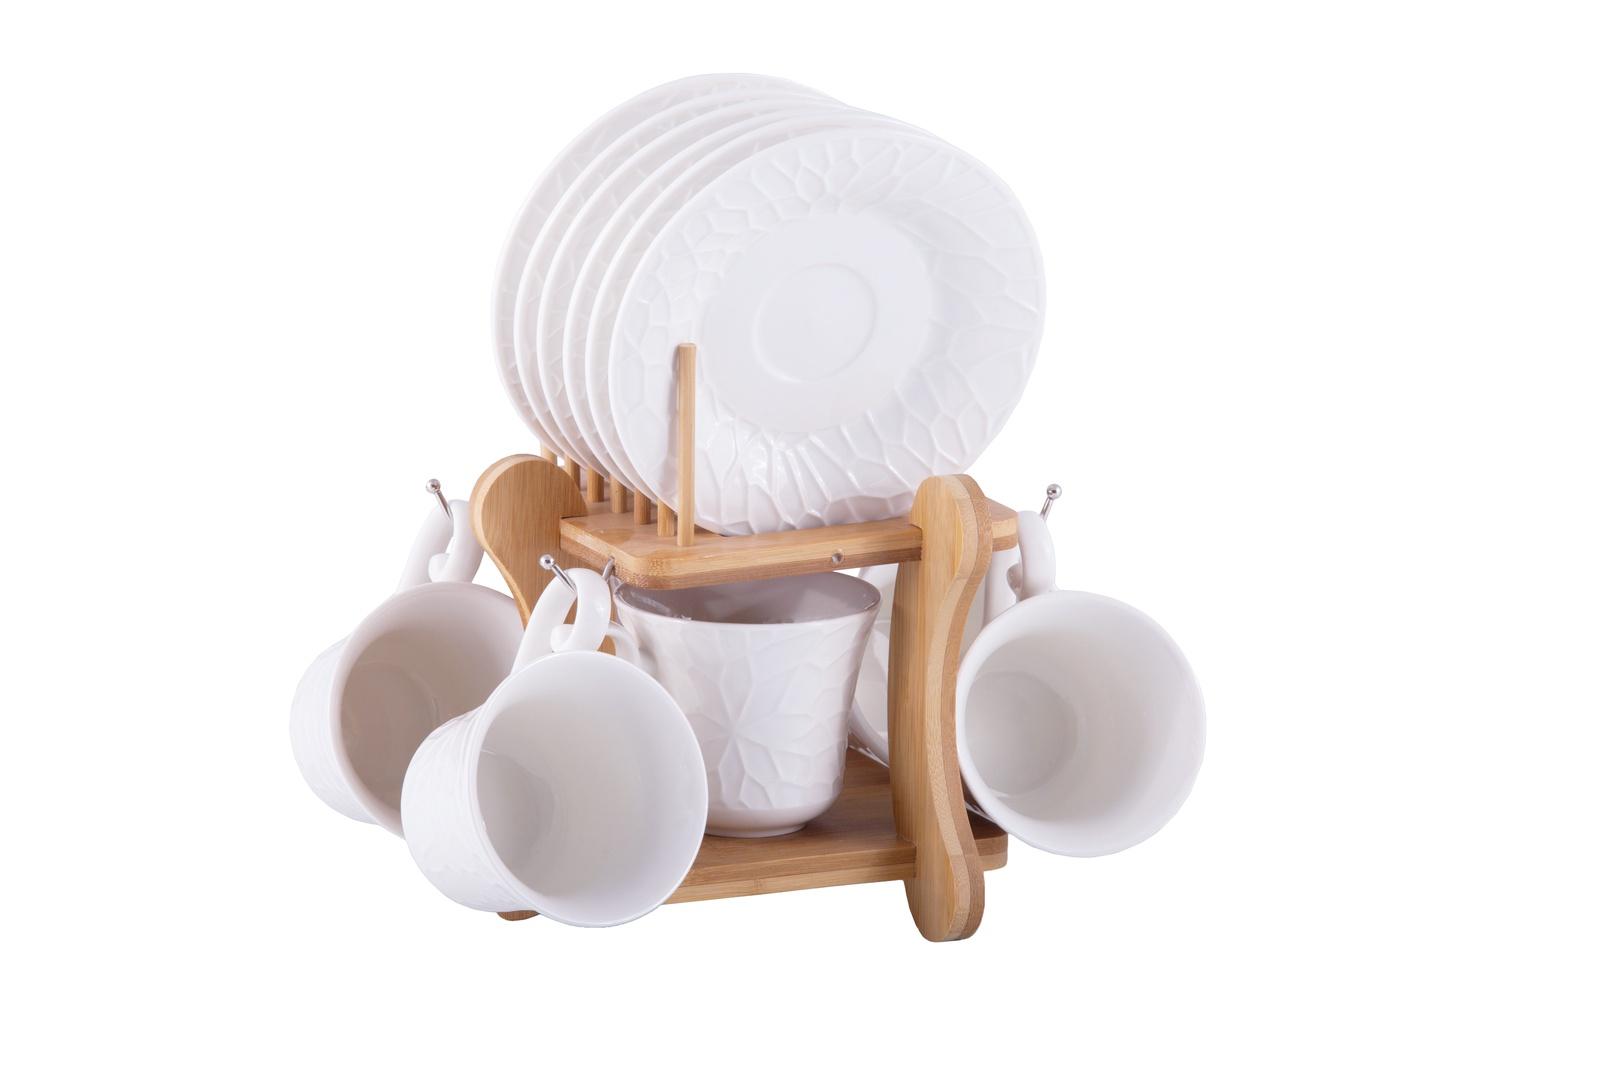 Фото - Набор чайный JEWEL Pumpkin 12 предметов (фарфор), 6 шт/уп [супермаркет] jingdong геб scybe фил приблизительно круглая чашка установлена в вертикальном положении стеклянной чашки 290мла 6 z